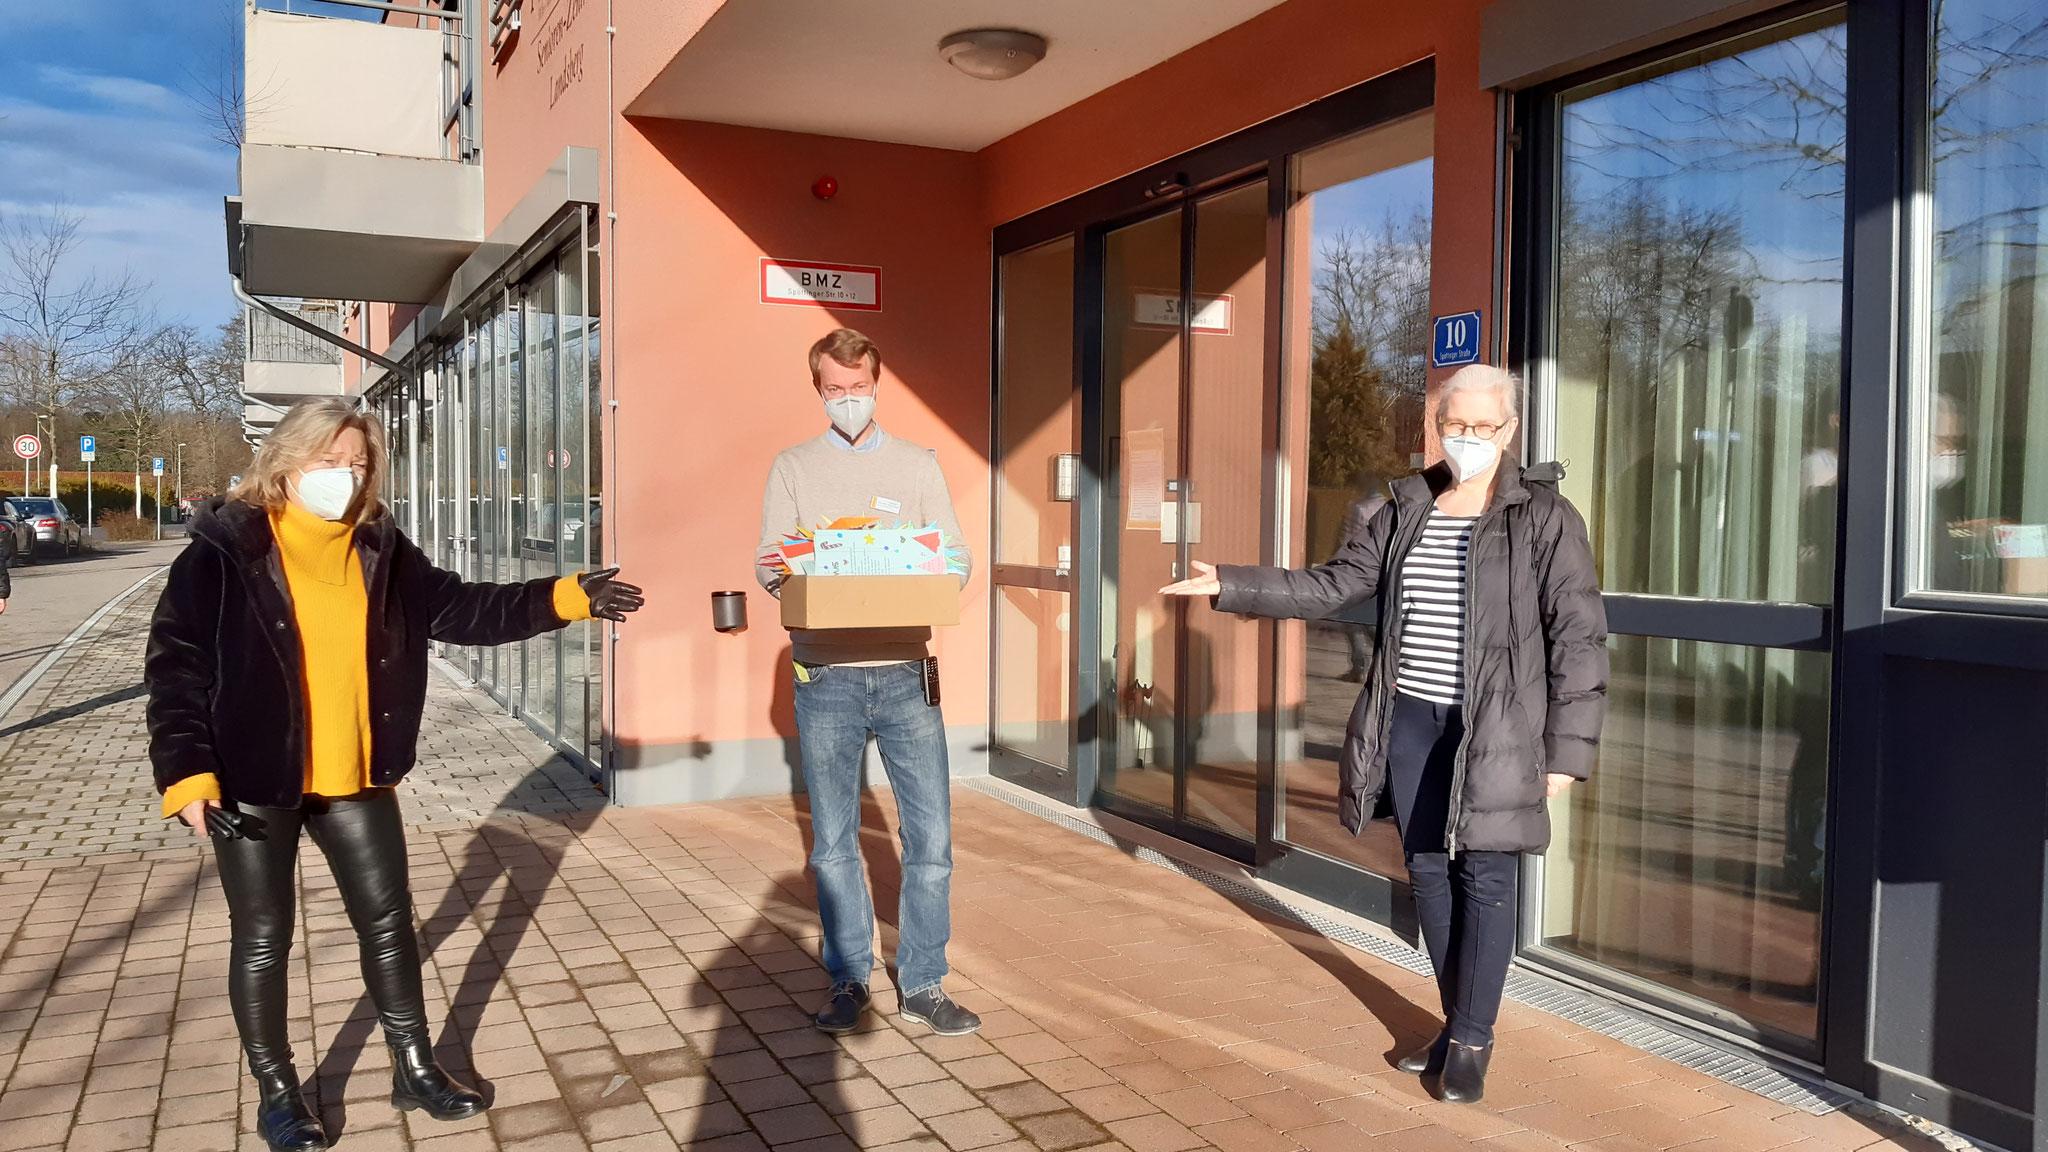 Seniorenzentrum Pichlmayr bei der Übergabe der Präsente. Von links: Ute Nowak (Seniorenbeirat), Benedikt Habersetzer (Einrichtungsleitung) ), Alexa Dorow (Stadträtin, Referentin für Senioren).